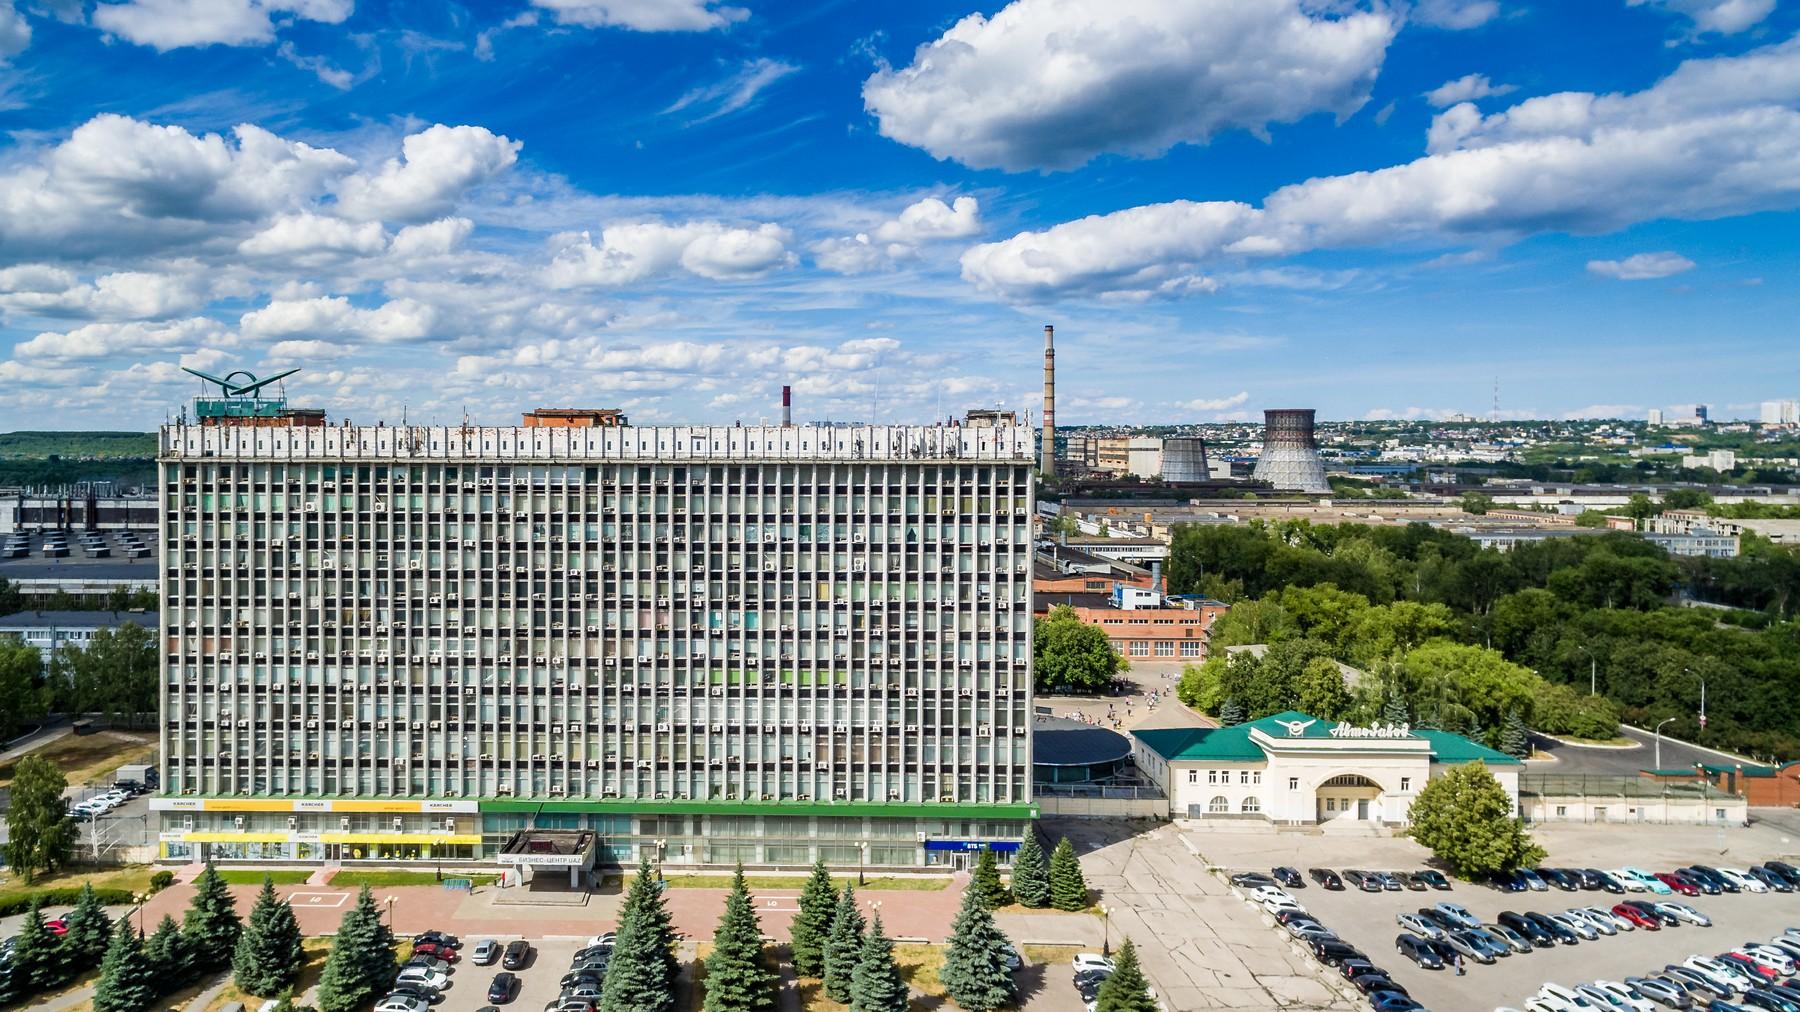 Ульяновск с высоты. Железнодорожный и Засвияжский район. Июль 2018 город как на ладони